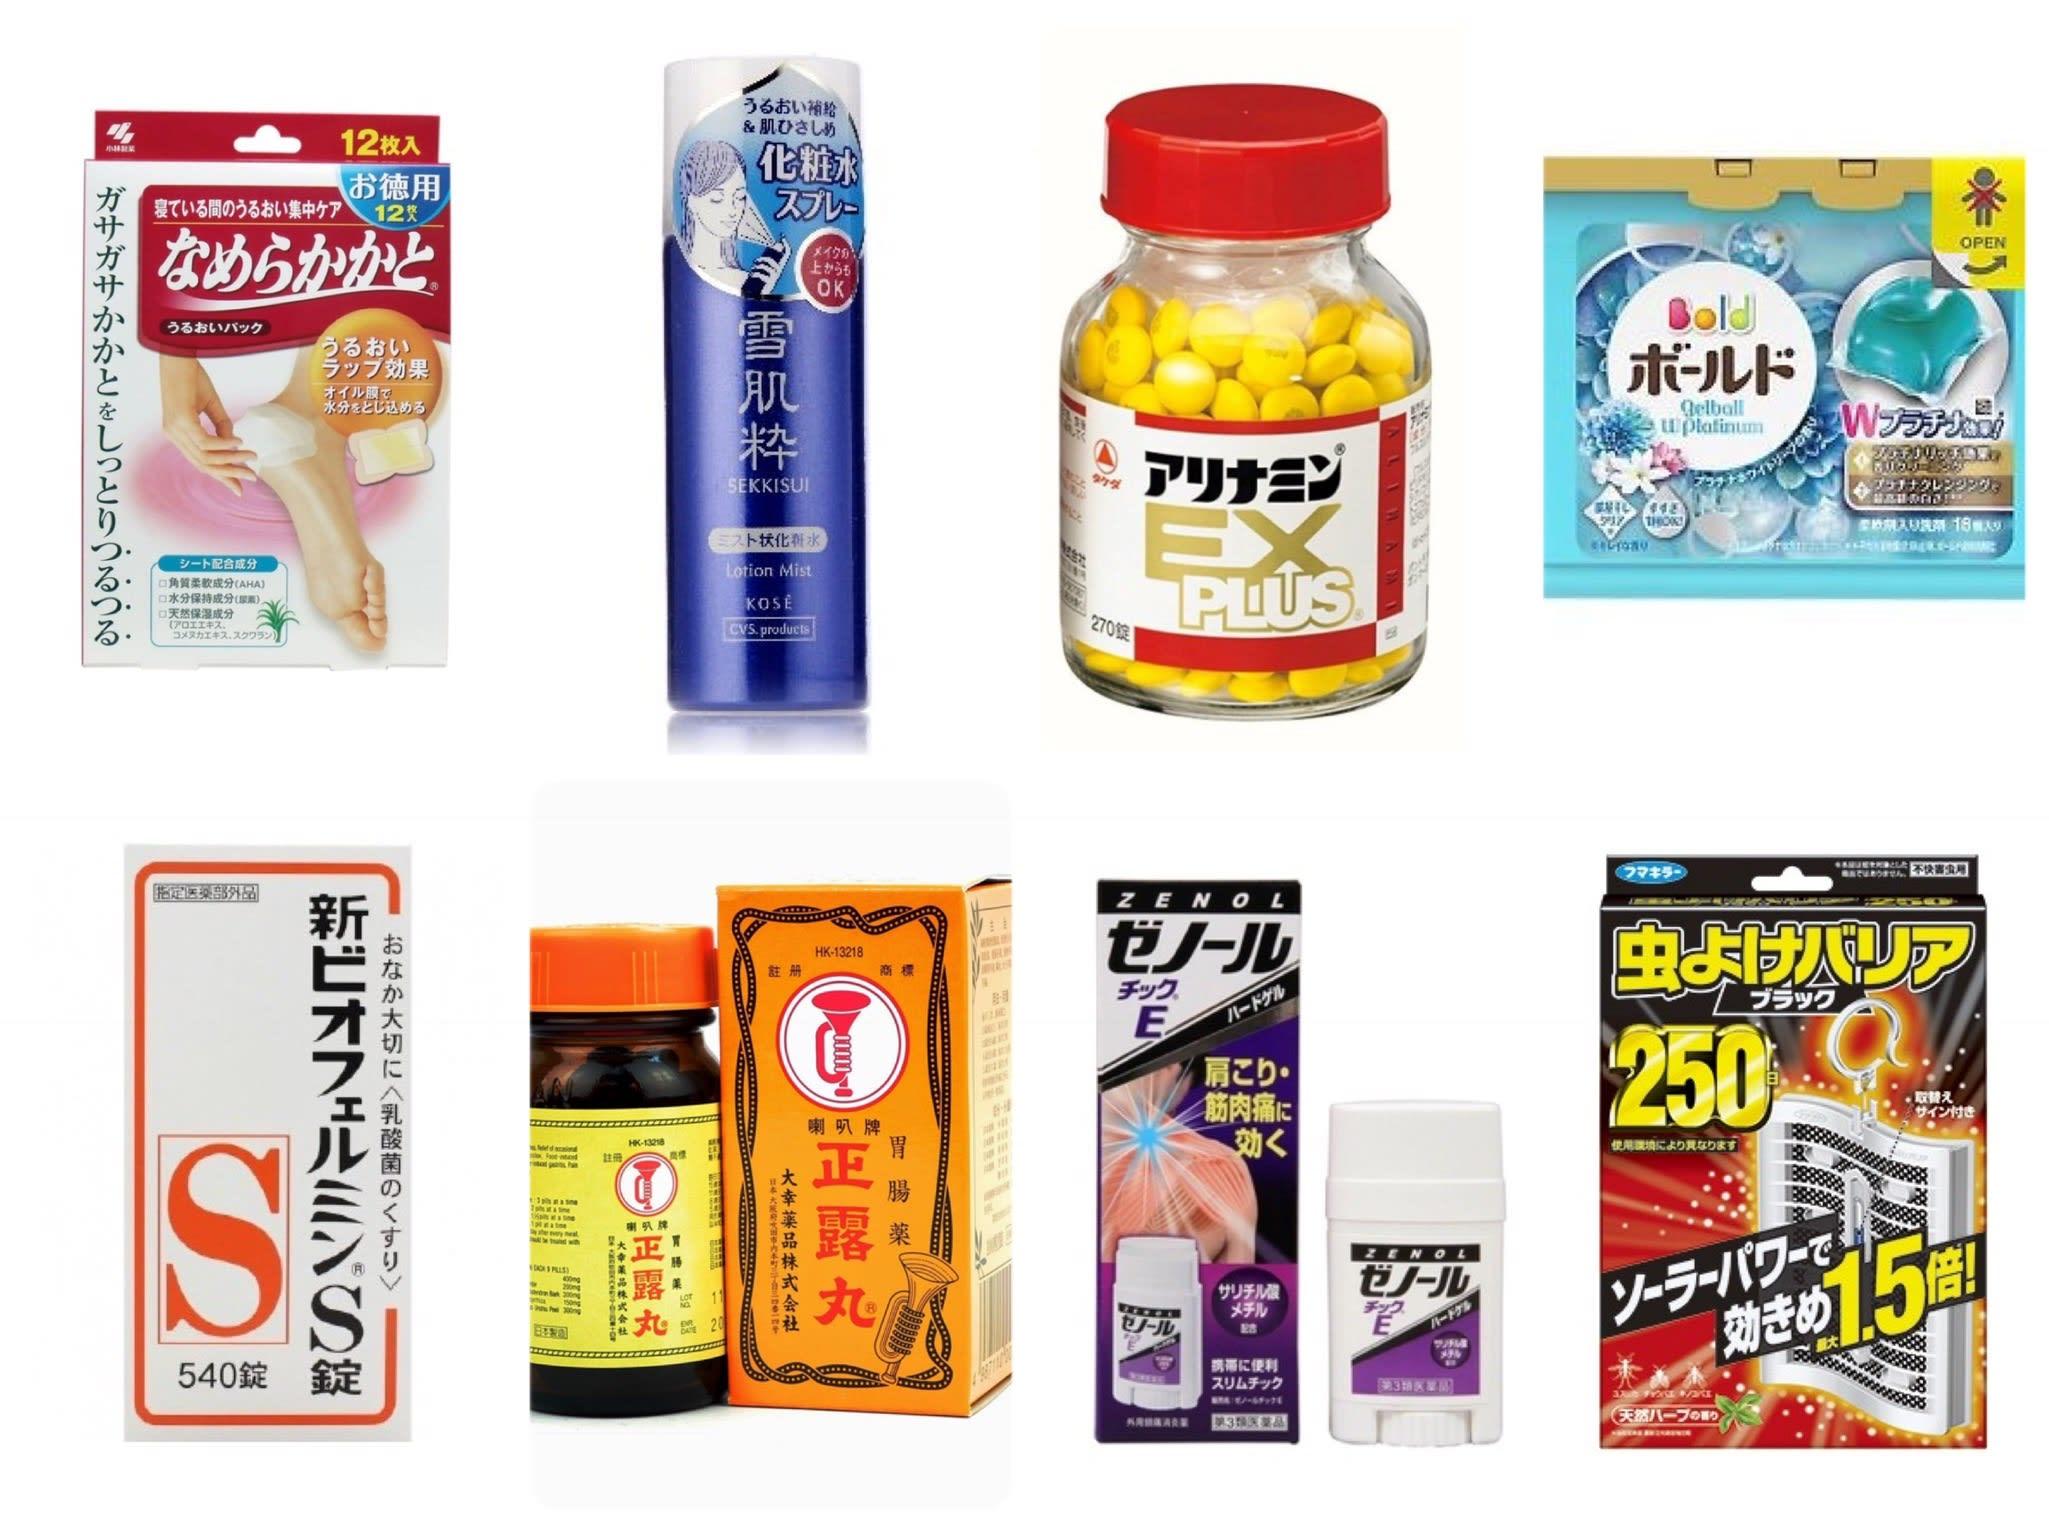 日本必買母親節藥妝